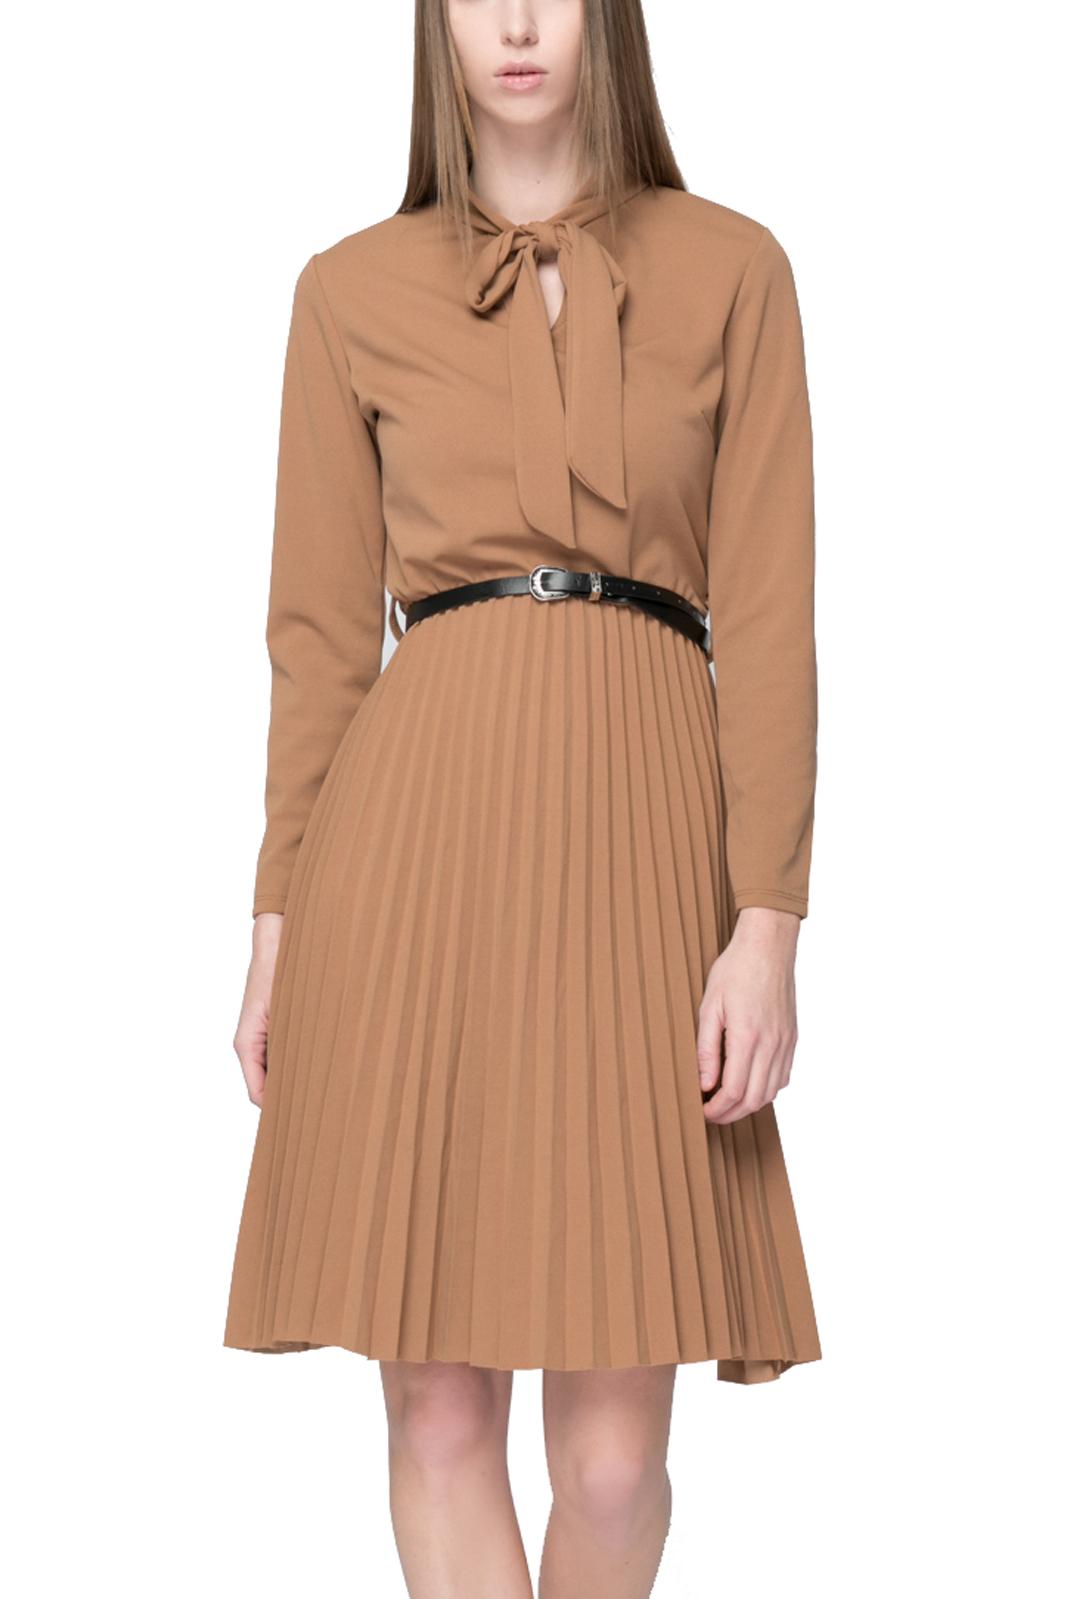 Μίντι Φόρεμα με Ζώνη